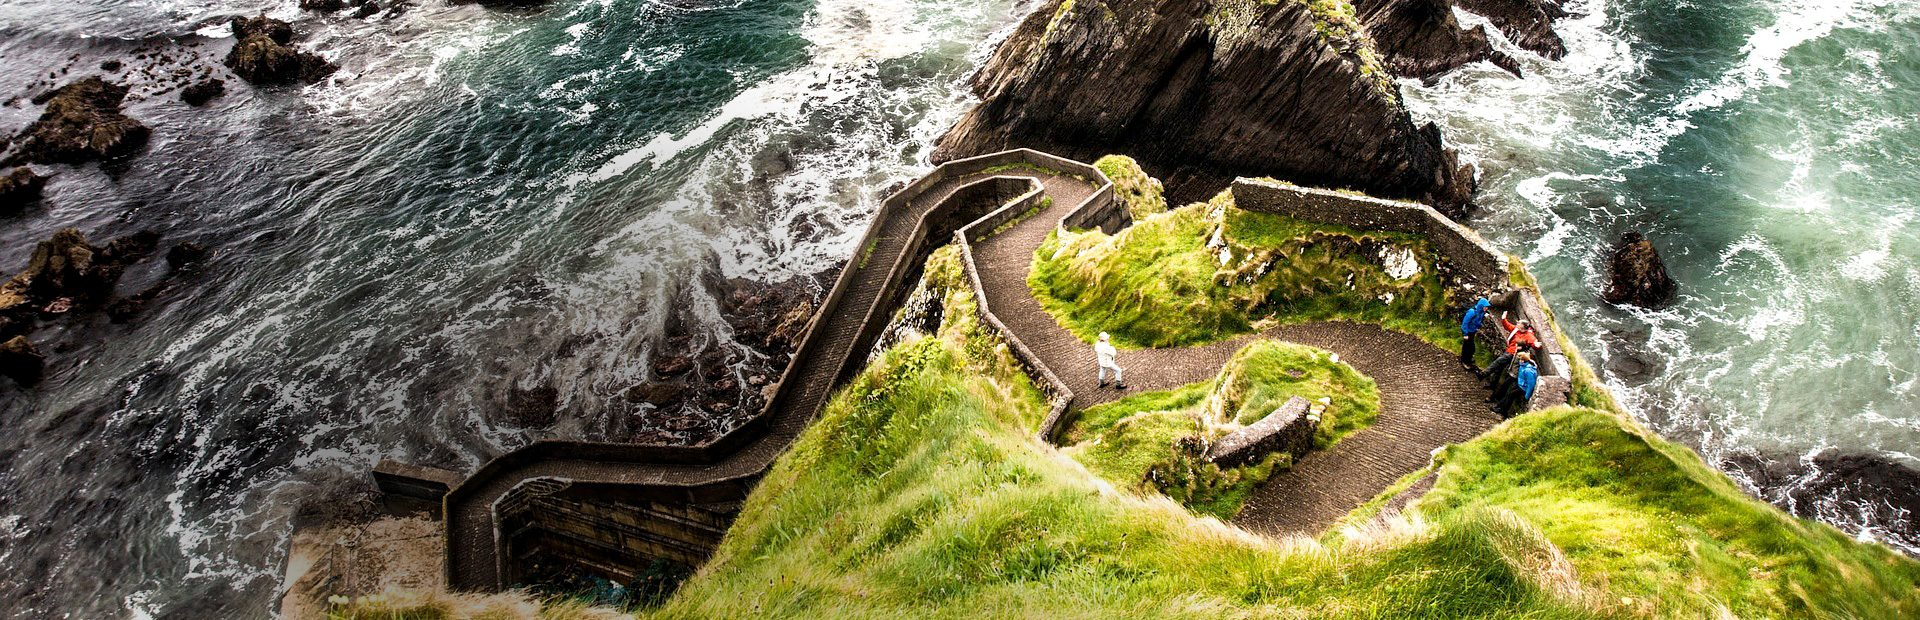 Natur-Schauspiel bei Irland Reisen mit erlebe Irland